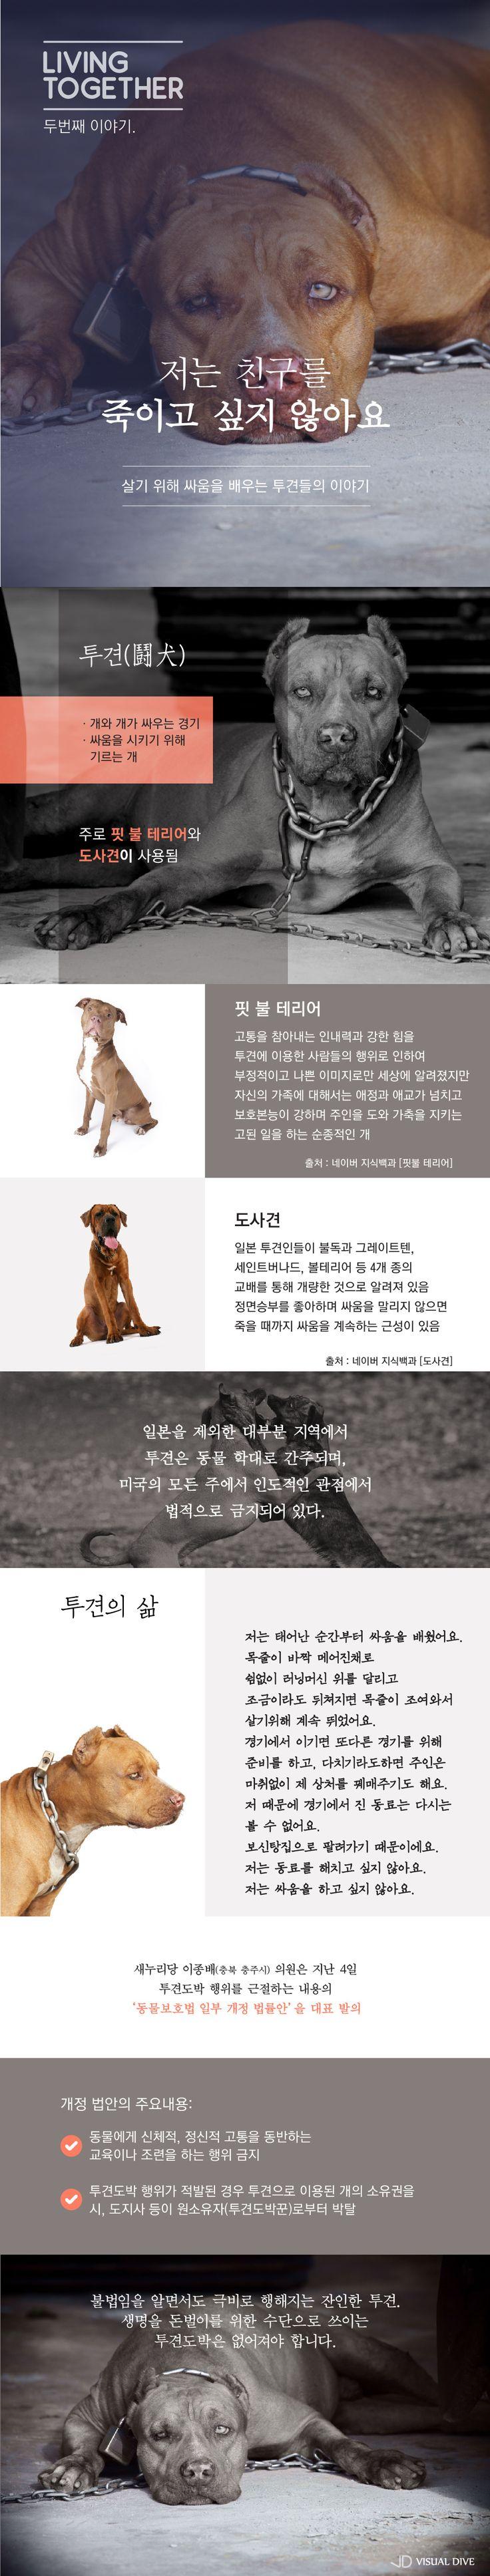 """투견의 슬픈이야기…""""친구를 죽이고 싶지 않아요"""" [인포그래픽] #Dog / #Infographic ⓒ 비주얼다이브 무단 복사·전재·재배포 금지"""